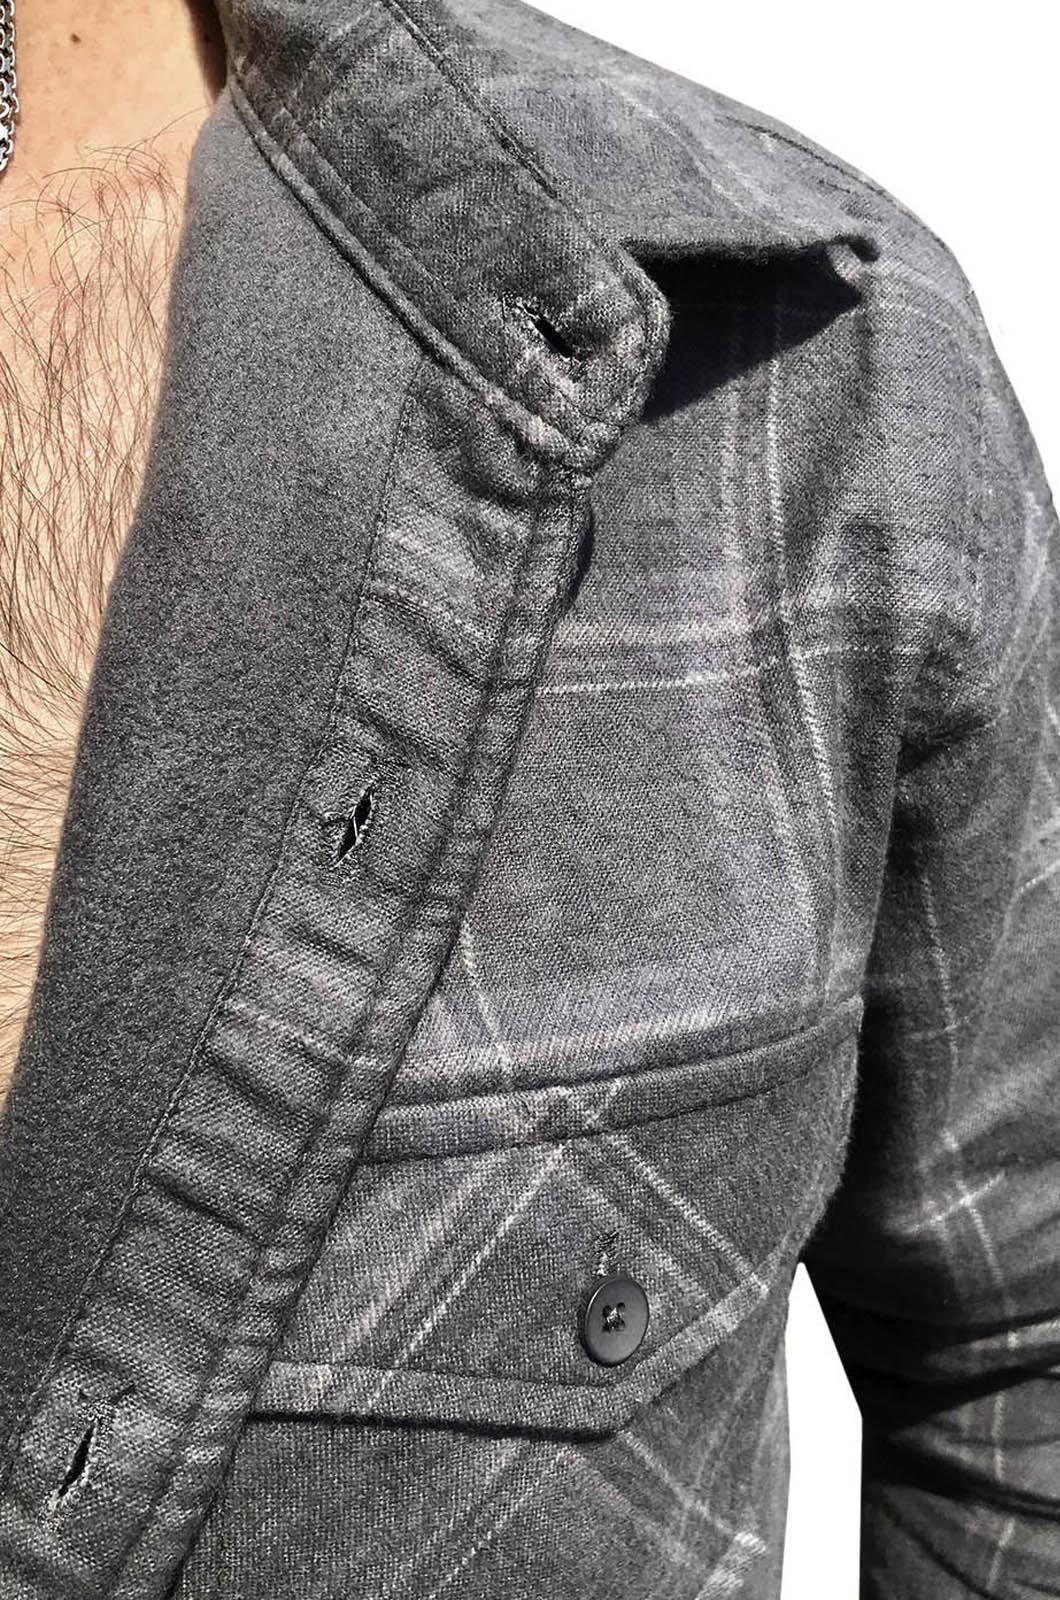 Стильная клетчатая рубашка с вышитым шевроном 106 гв. ВДД - купить онлайн